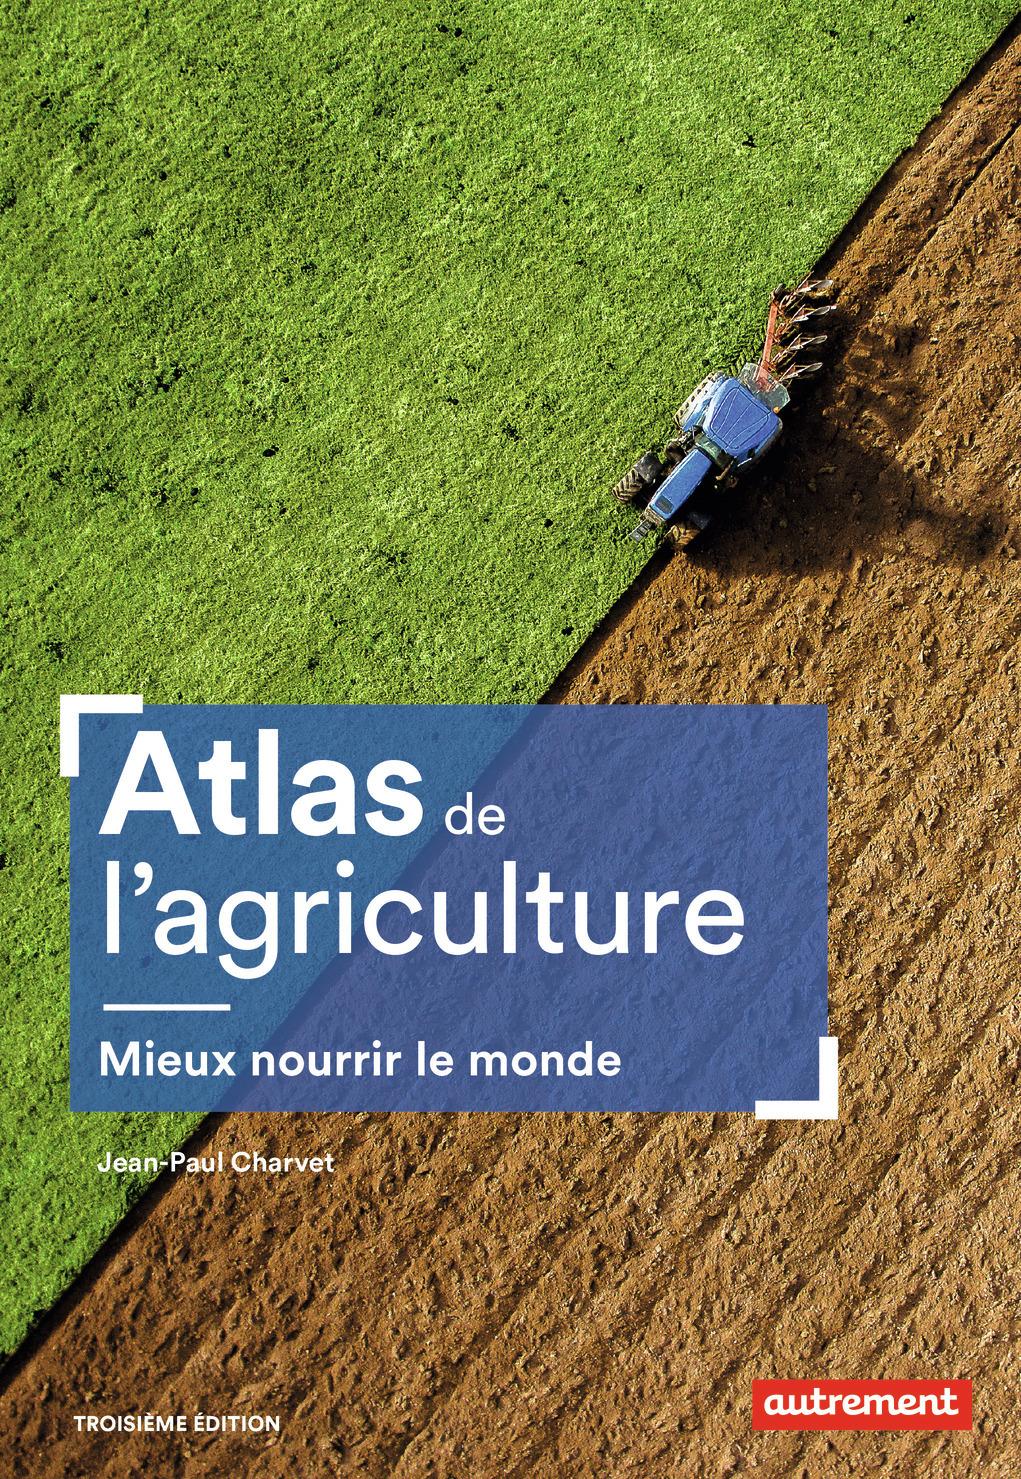 ATLAS DE L'AGRICULTURE - MIEUX NOURRIR LE MONDE